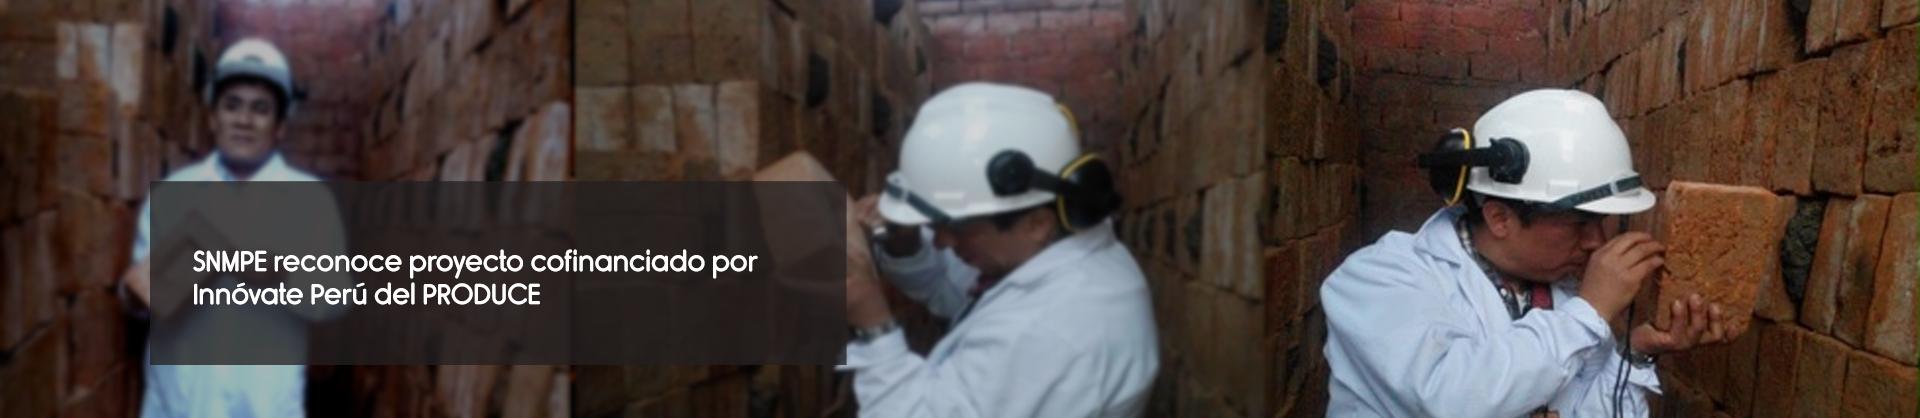 SNMPE reconoce proyecto cofinanciado por Innóvate Perú del PRODUCE